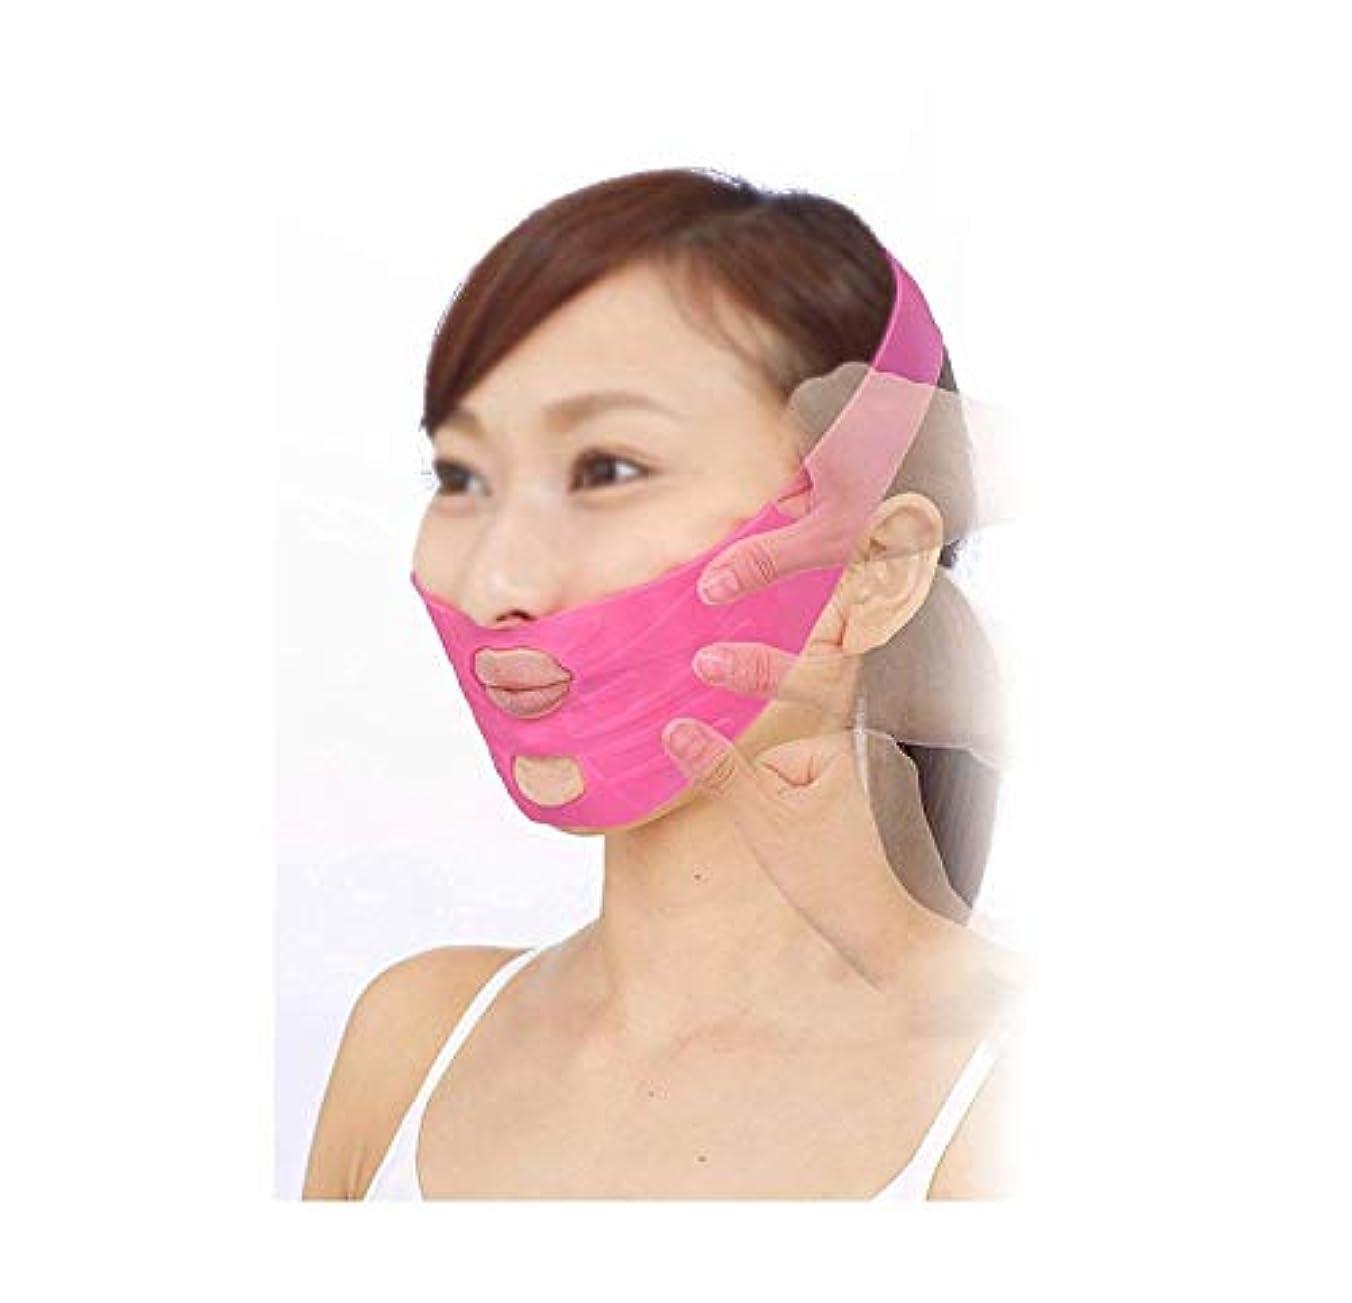 フェイシャルマスク、フェイスリフティングアーティファクトフェイスマスク垂れ顔SサイズVフェイス包帯通気性スリーピングフェイスダブルチンチンセットスリープ弾性スリミングベルト